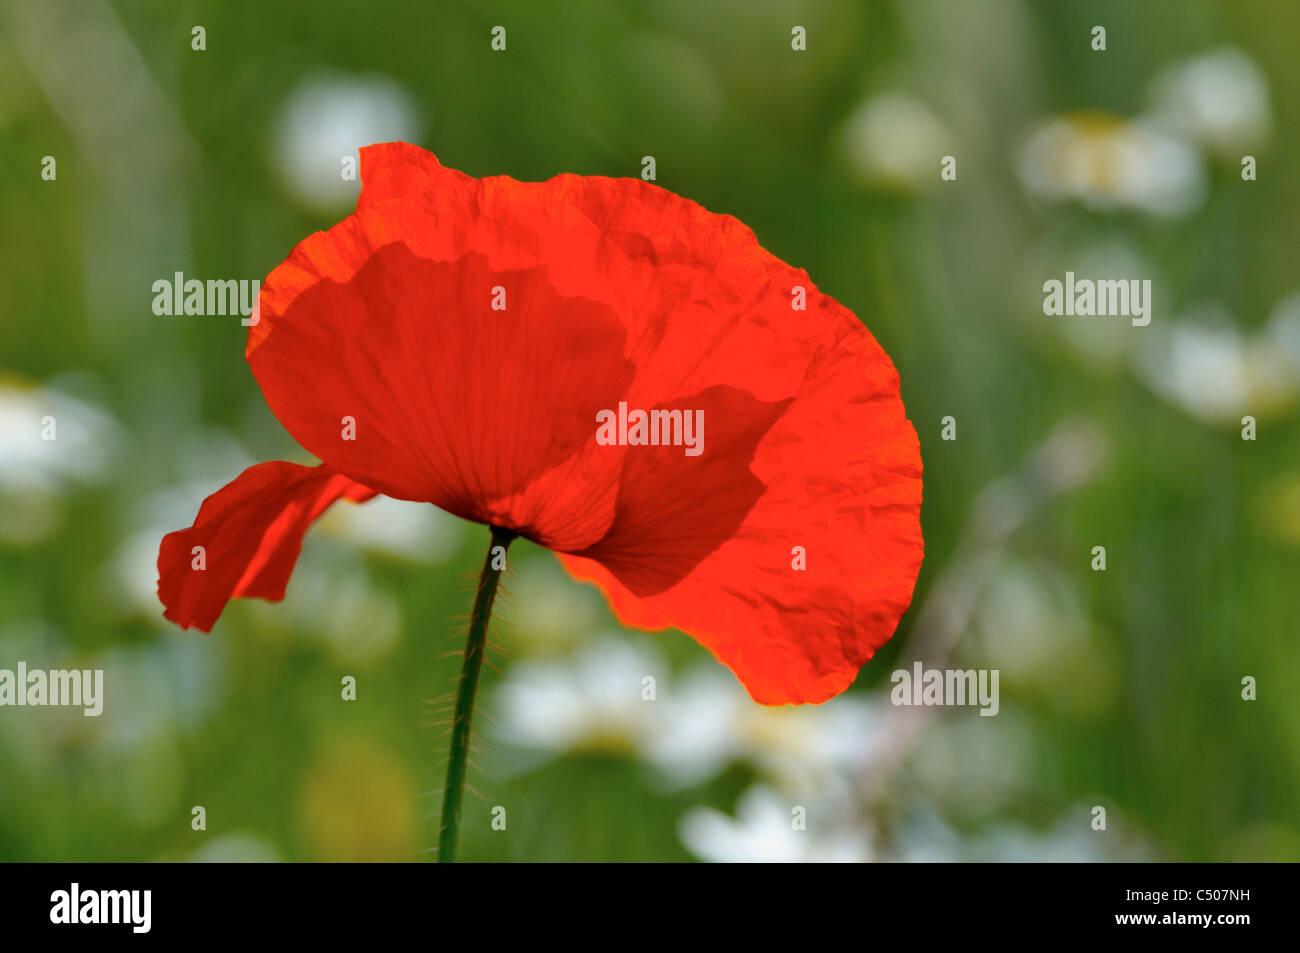 Fiore di papavero rosso con un dolce sottofondo. Immagini Stock